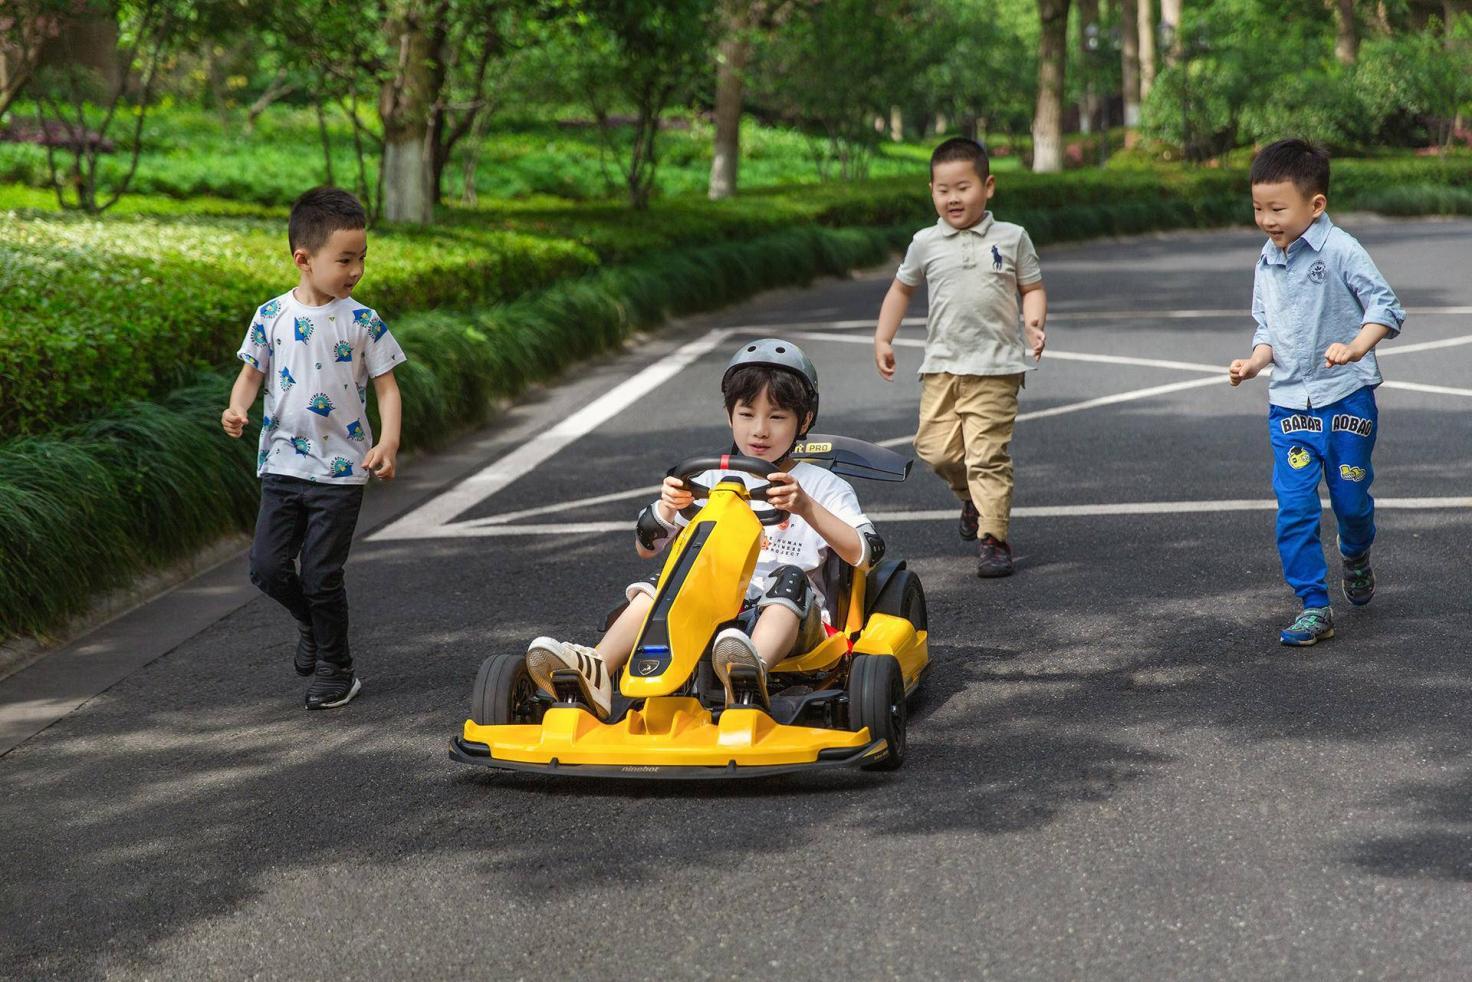 小米发布九号卡丁车Pro兰博基尼定制版 售价9999元